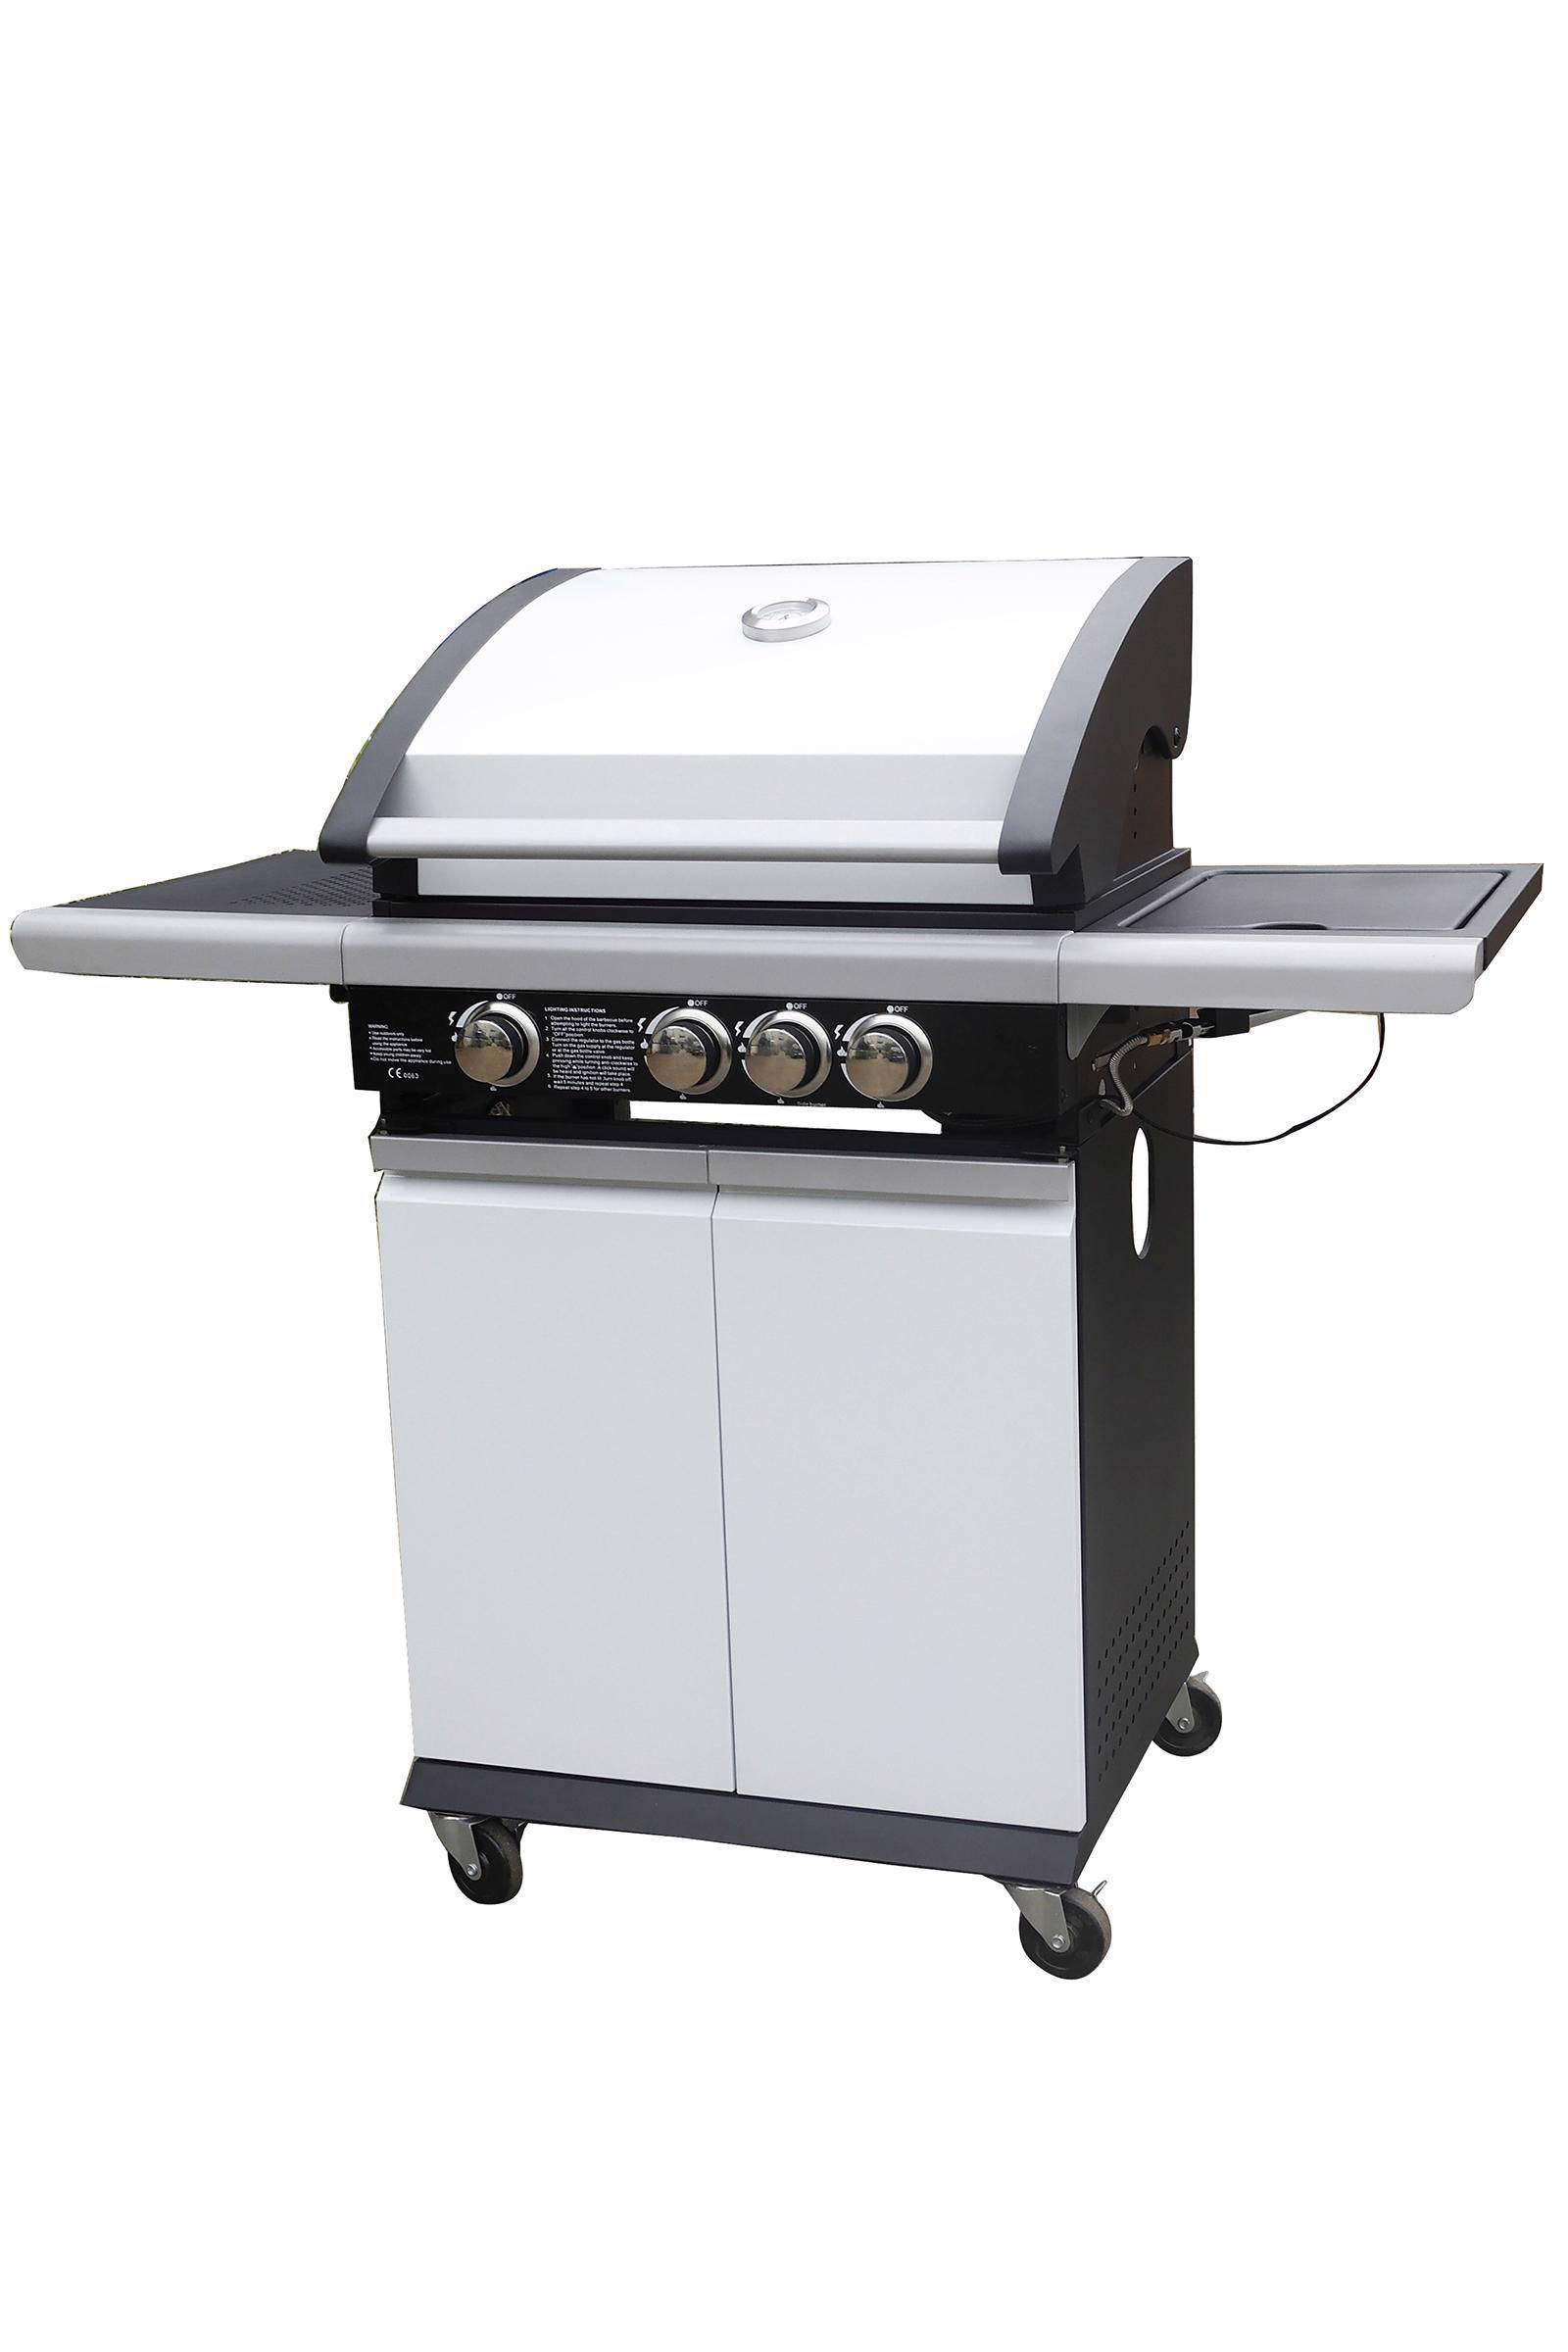 Patton Patio Chef 3+ gasbarbecue